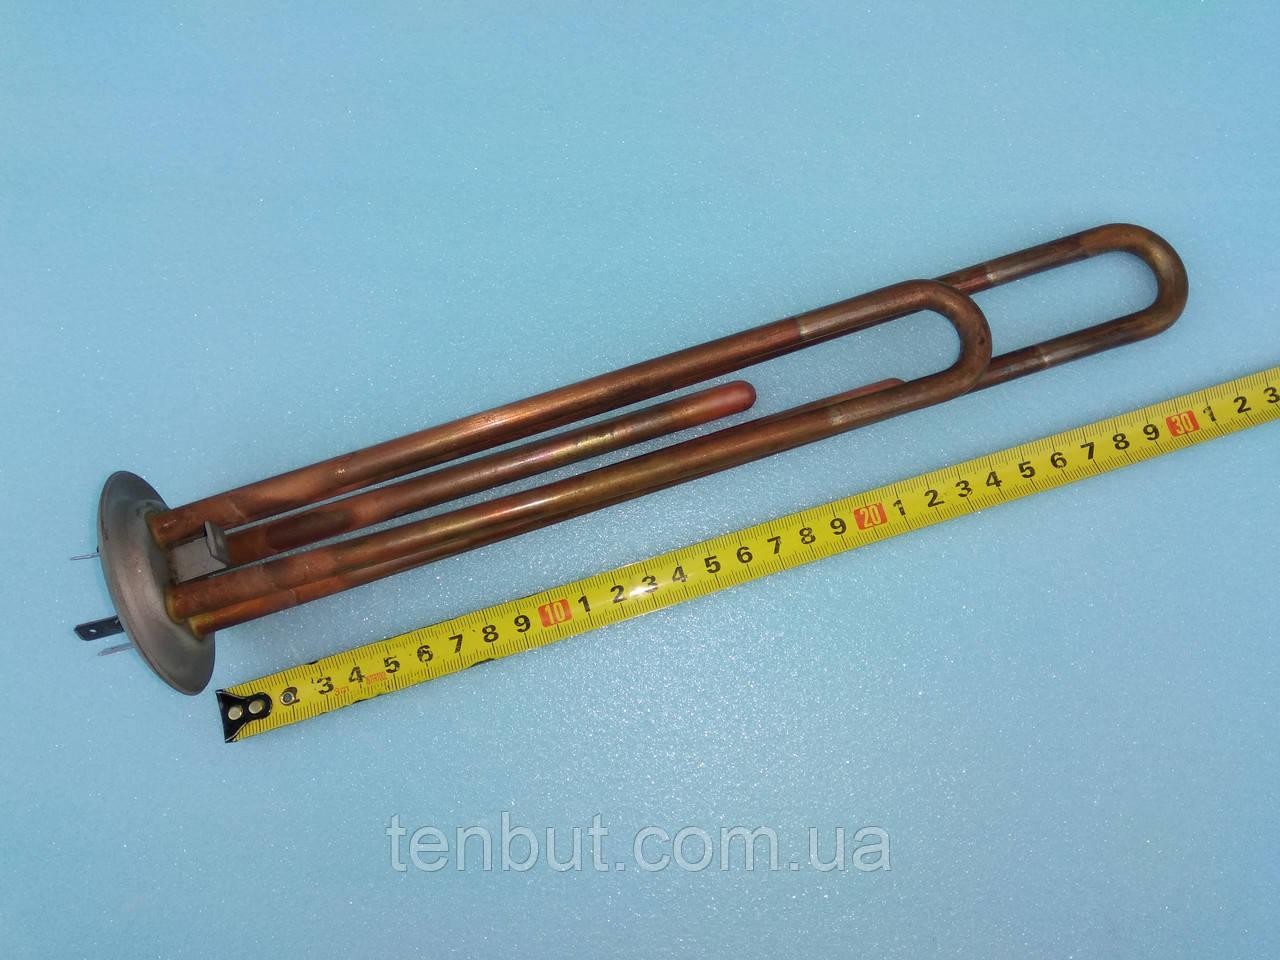 Тэн медный 2,0 кВт. / 220 В. / L - 320 мм. двойной для бойлера Thermex производство KAWAI Китай